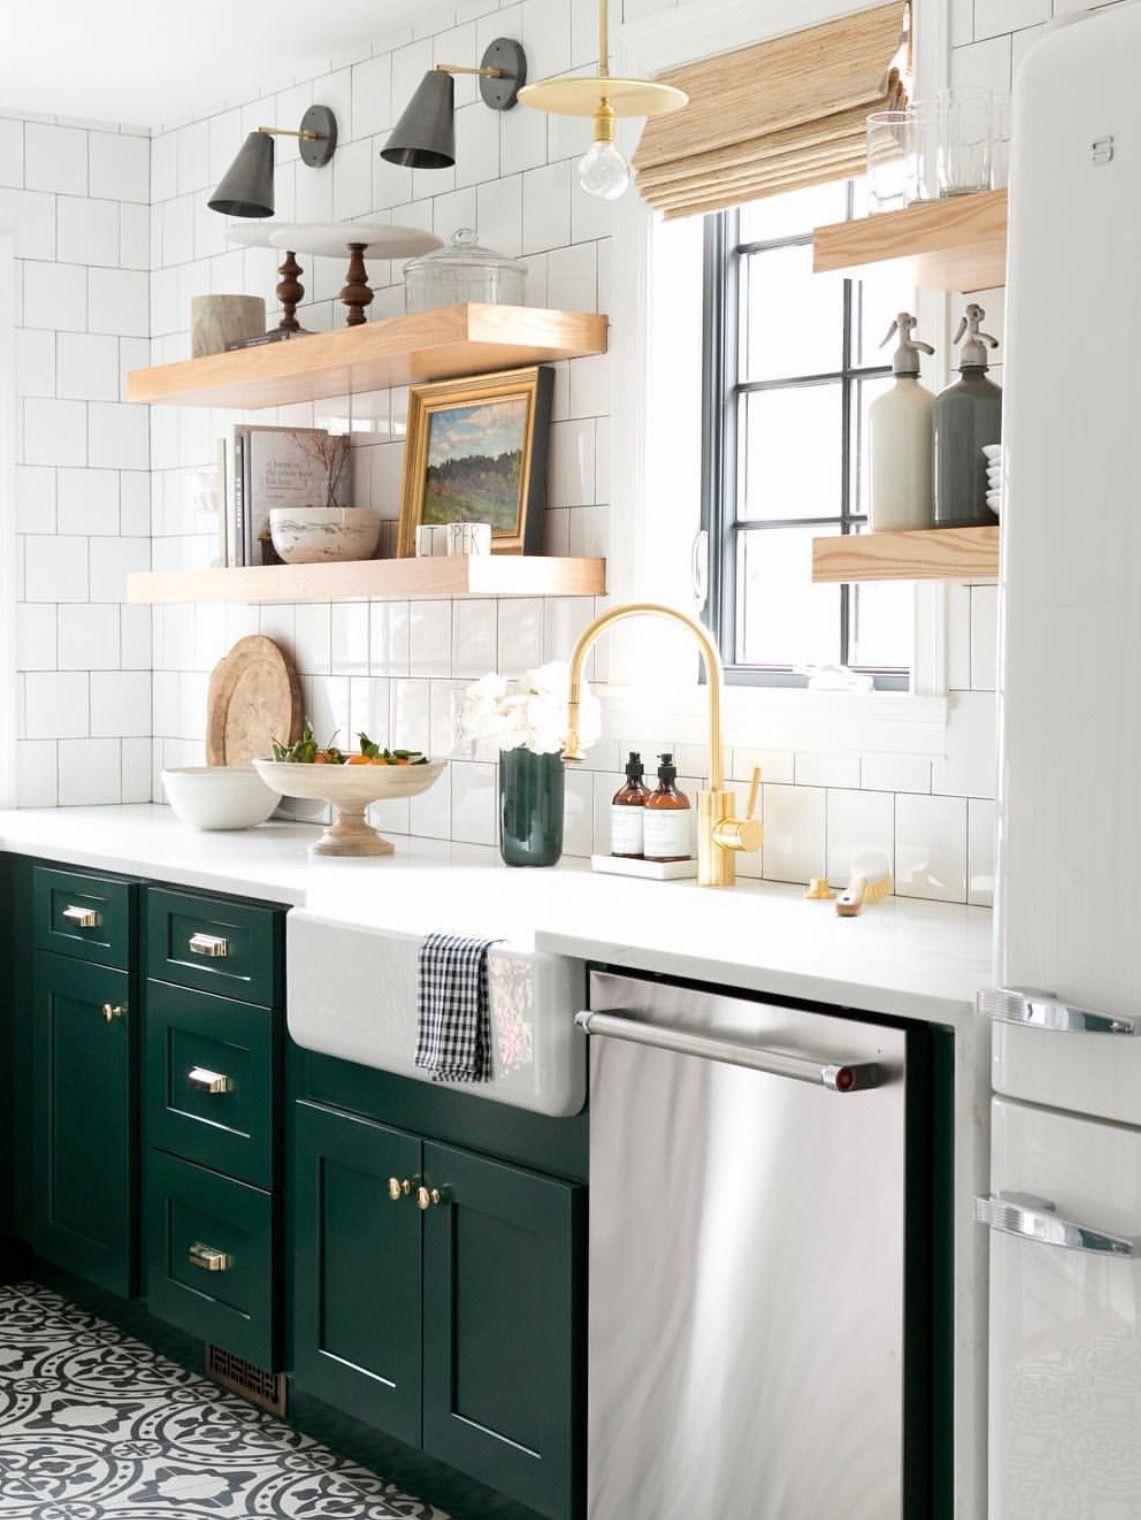 Pin von Audra Manzano auf 690 | Pinterest | Küche und Wohnen